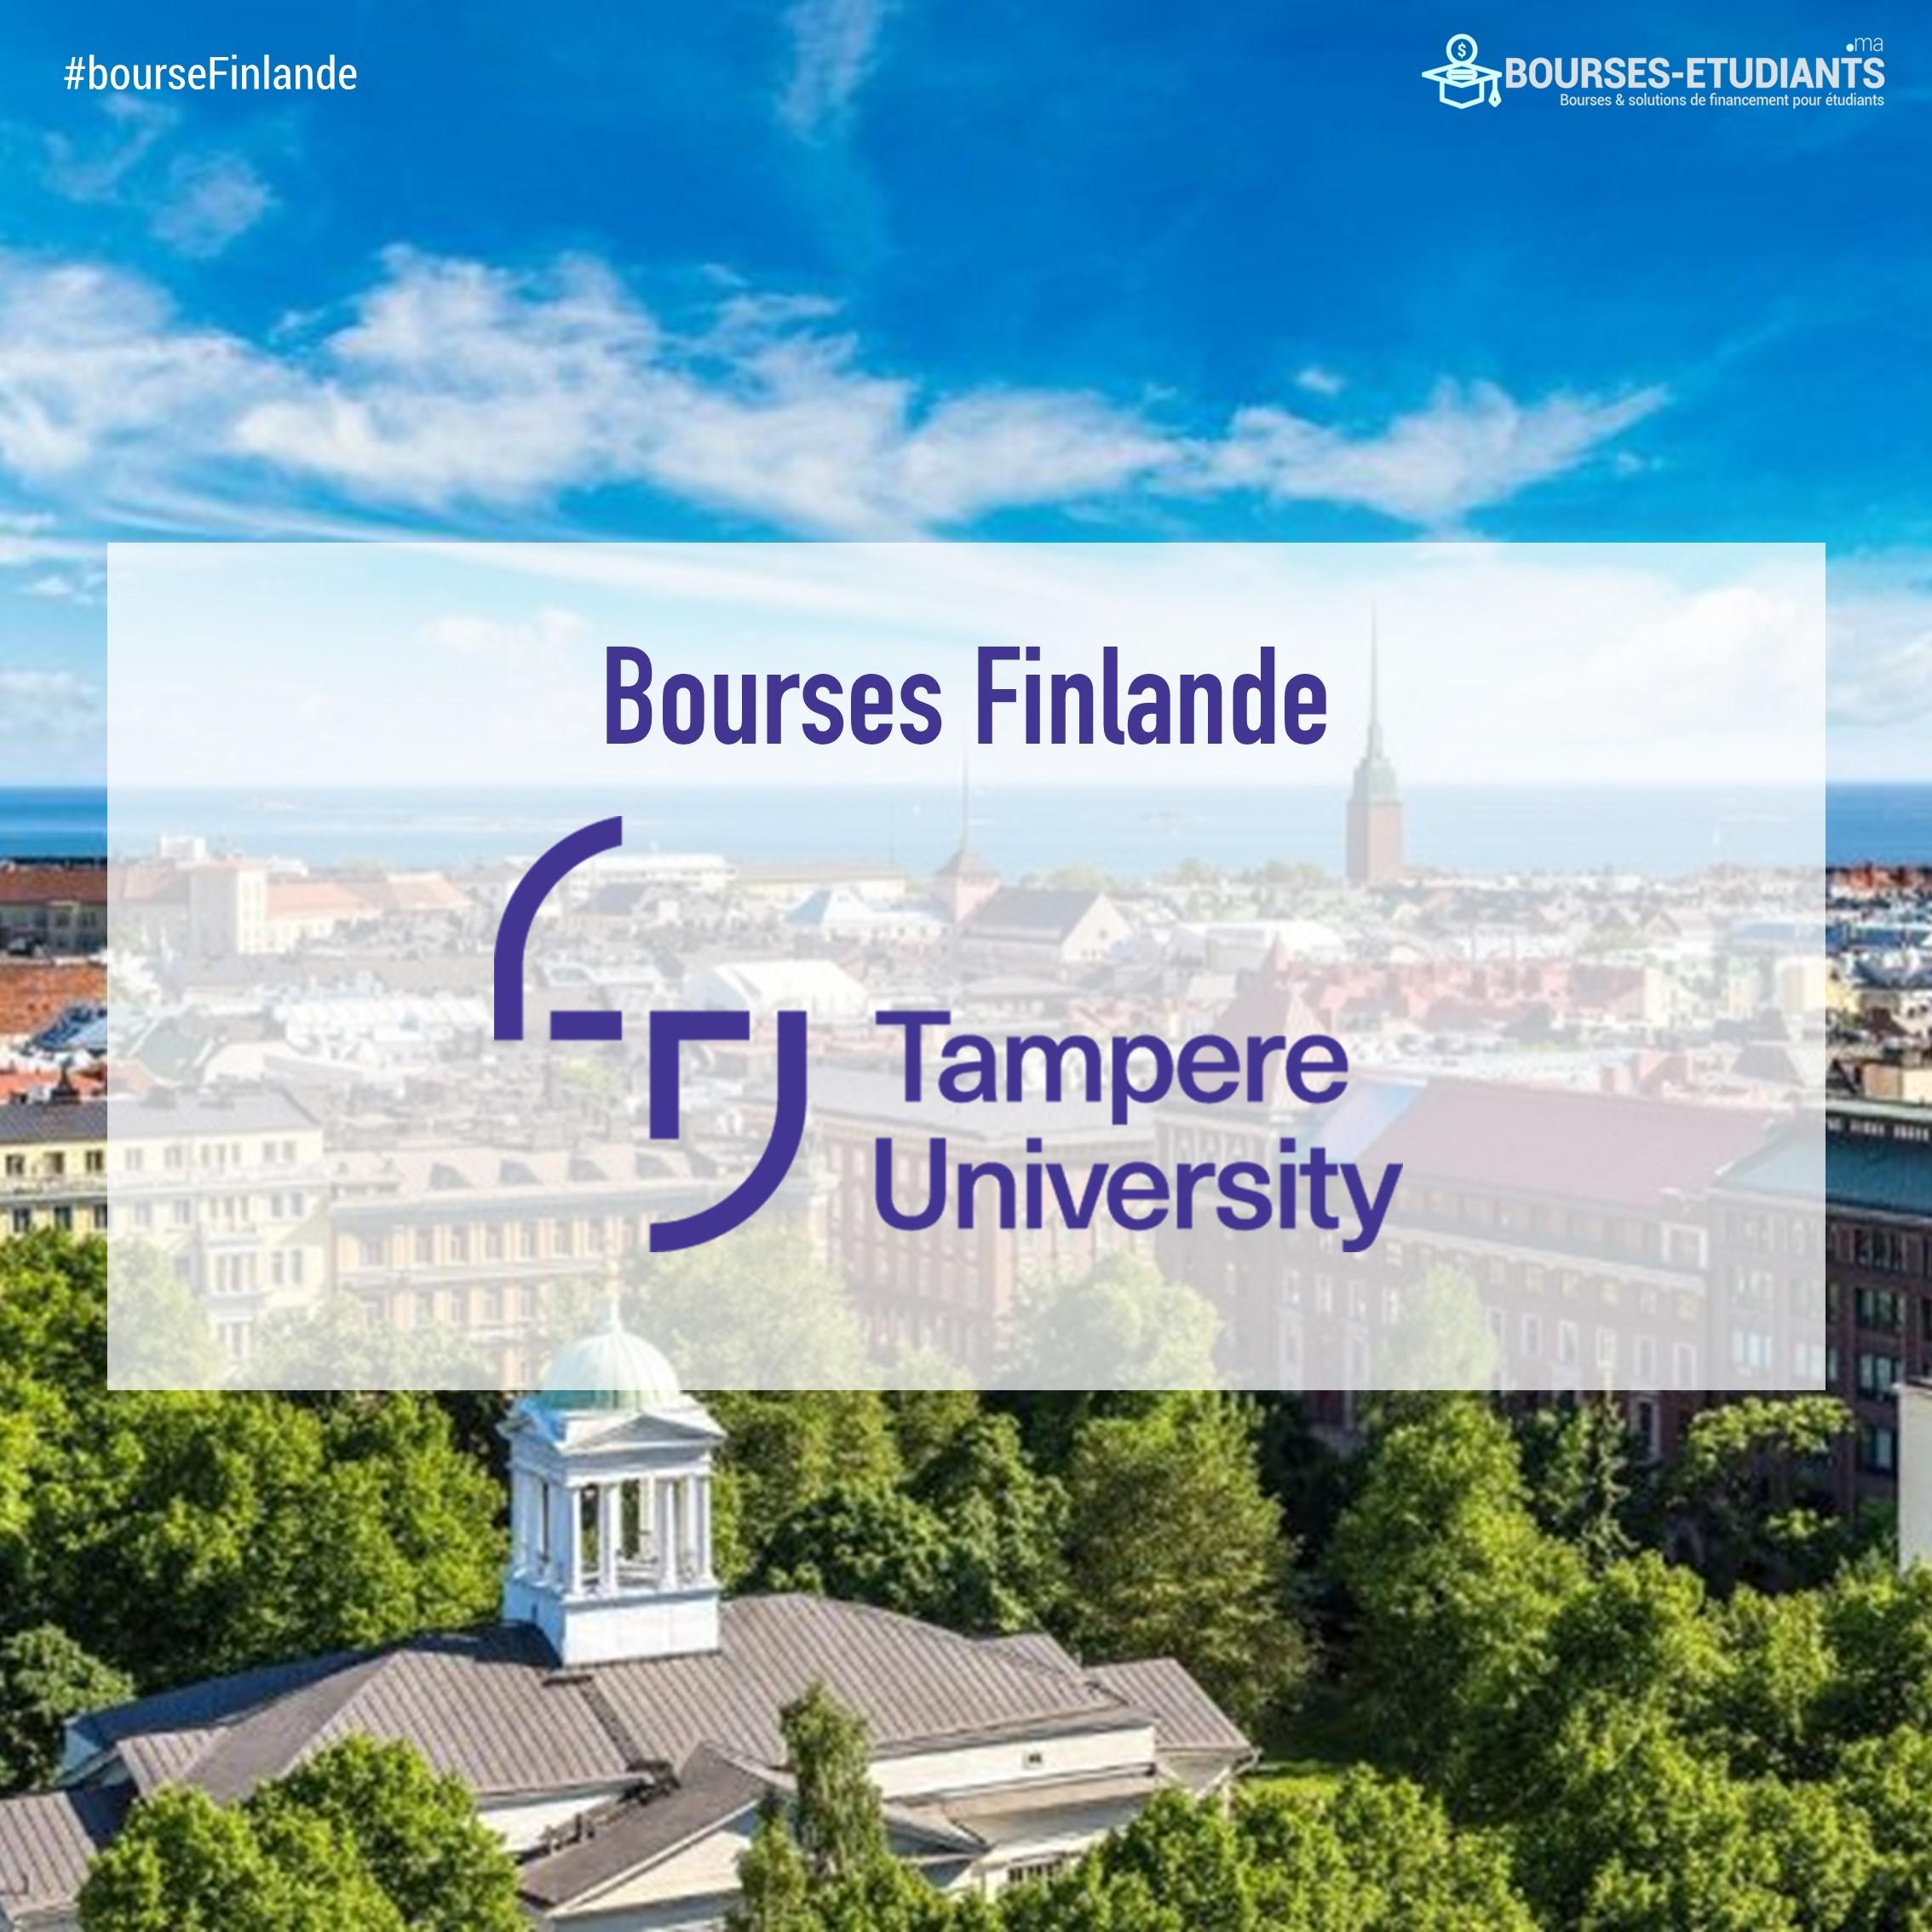 Bourses Finlande